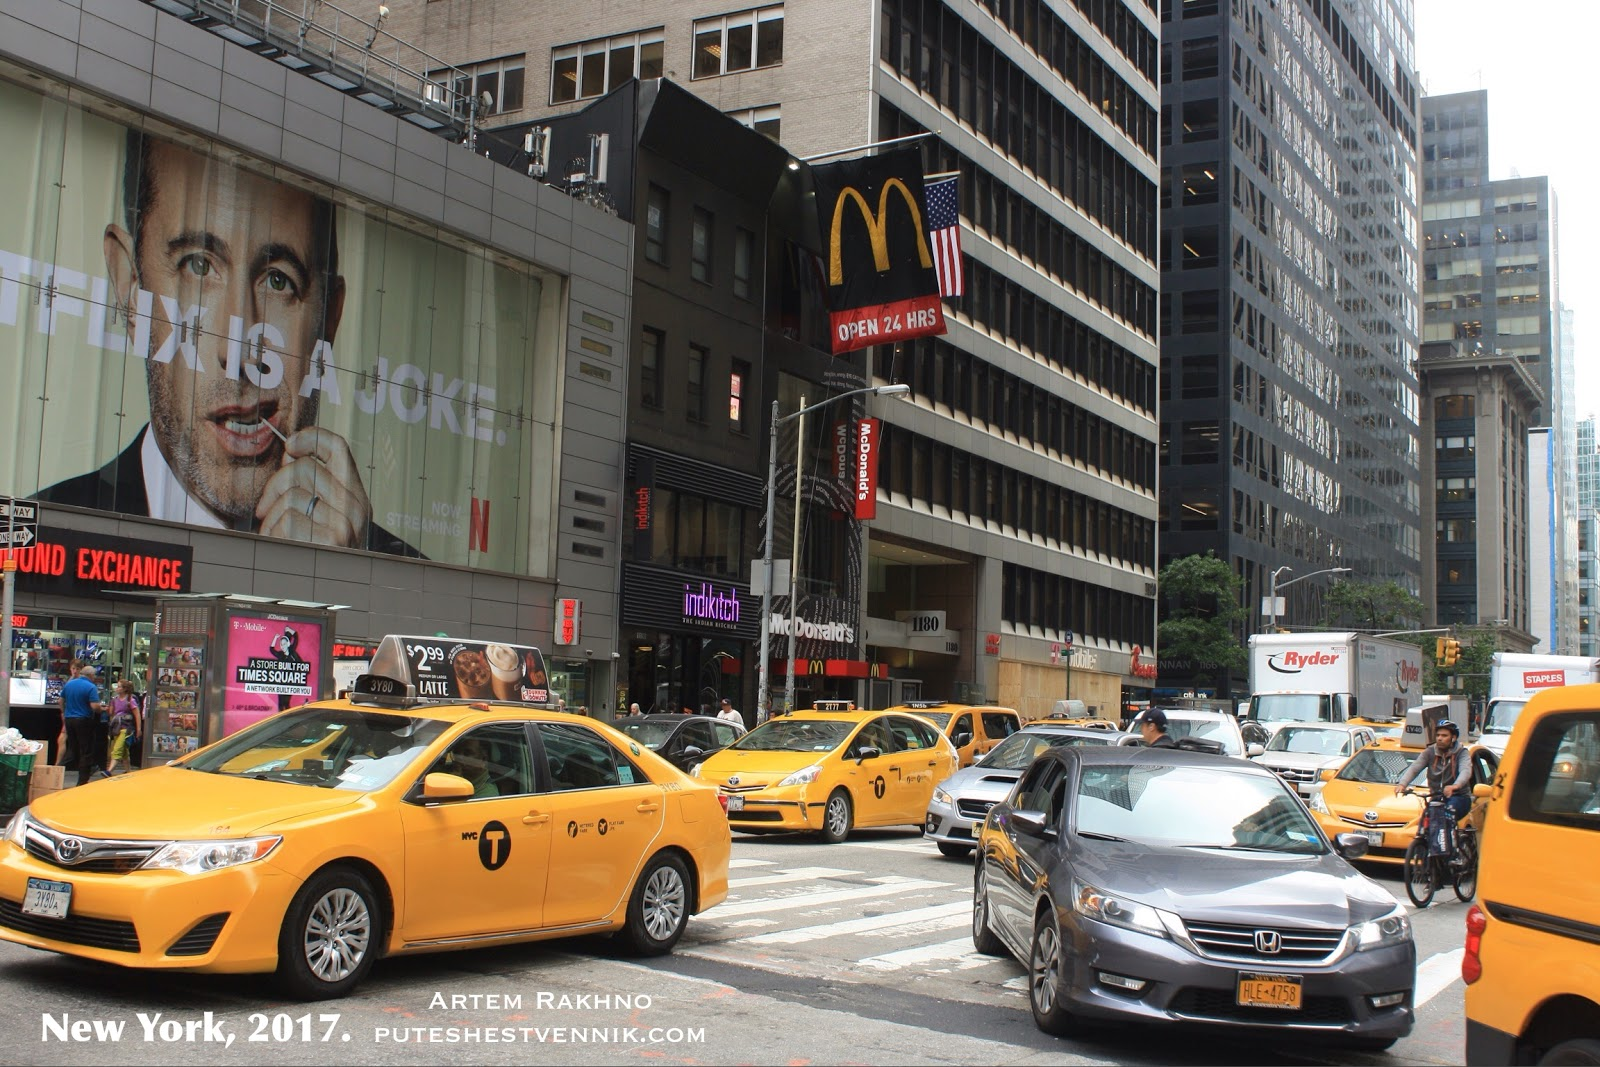 Такси на улице в Нью-Йорке